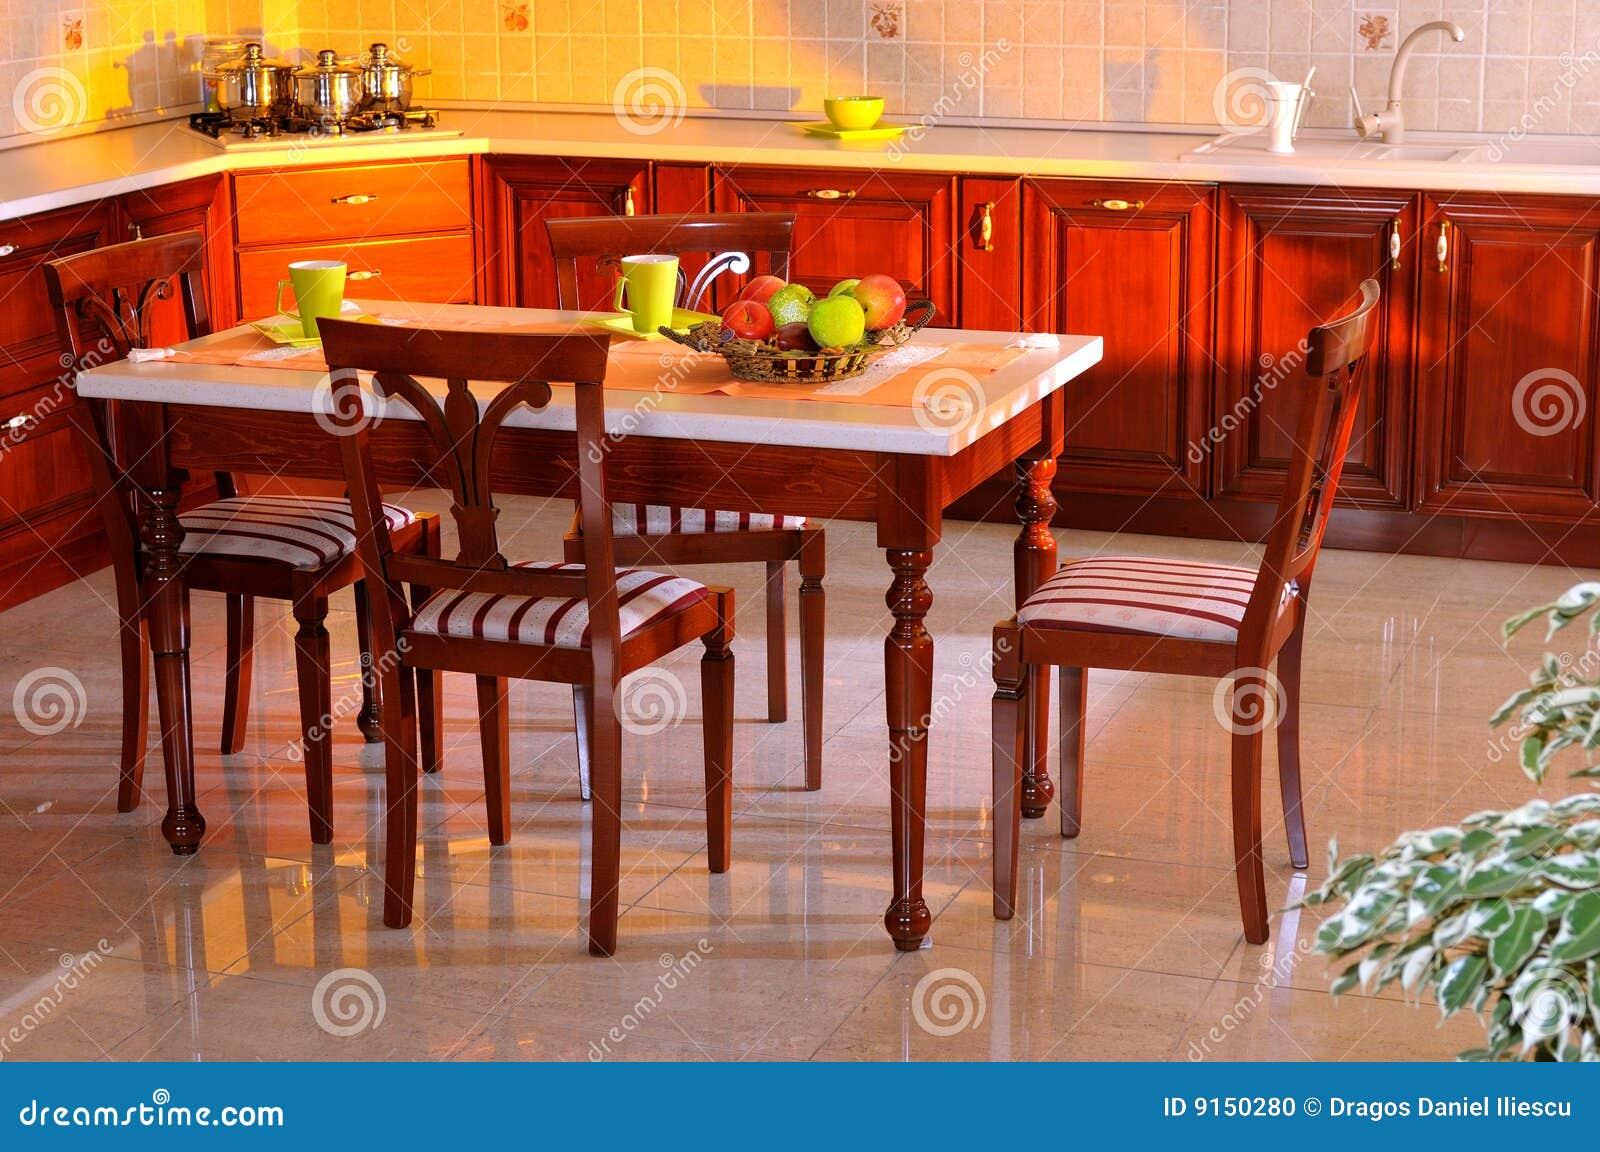 Elegant Kitchen Decorating House Stock Photo Image 9150280